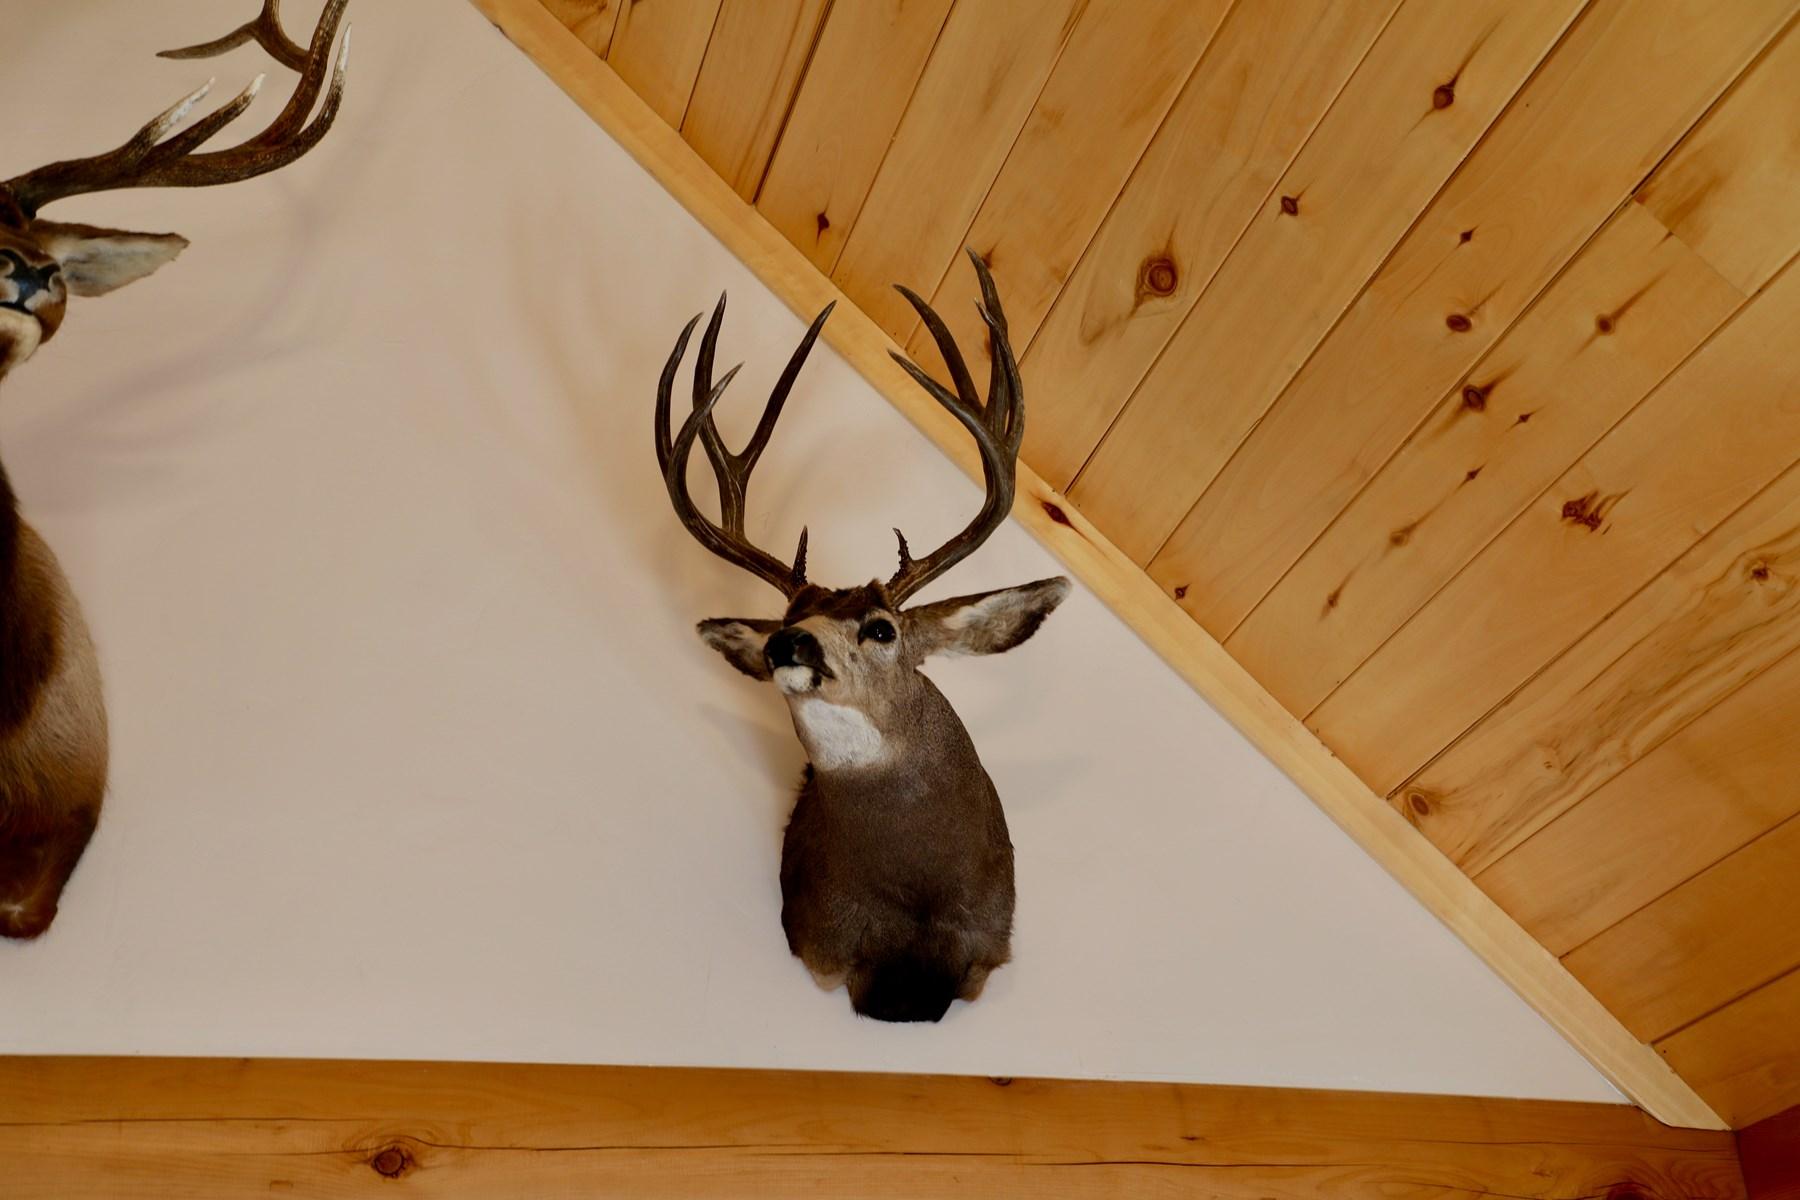 Deer and elk harvested on property